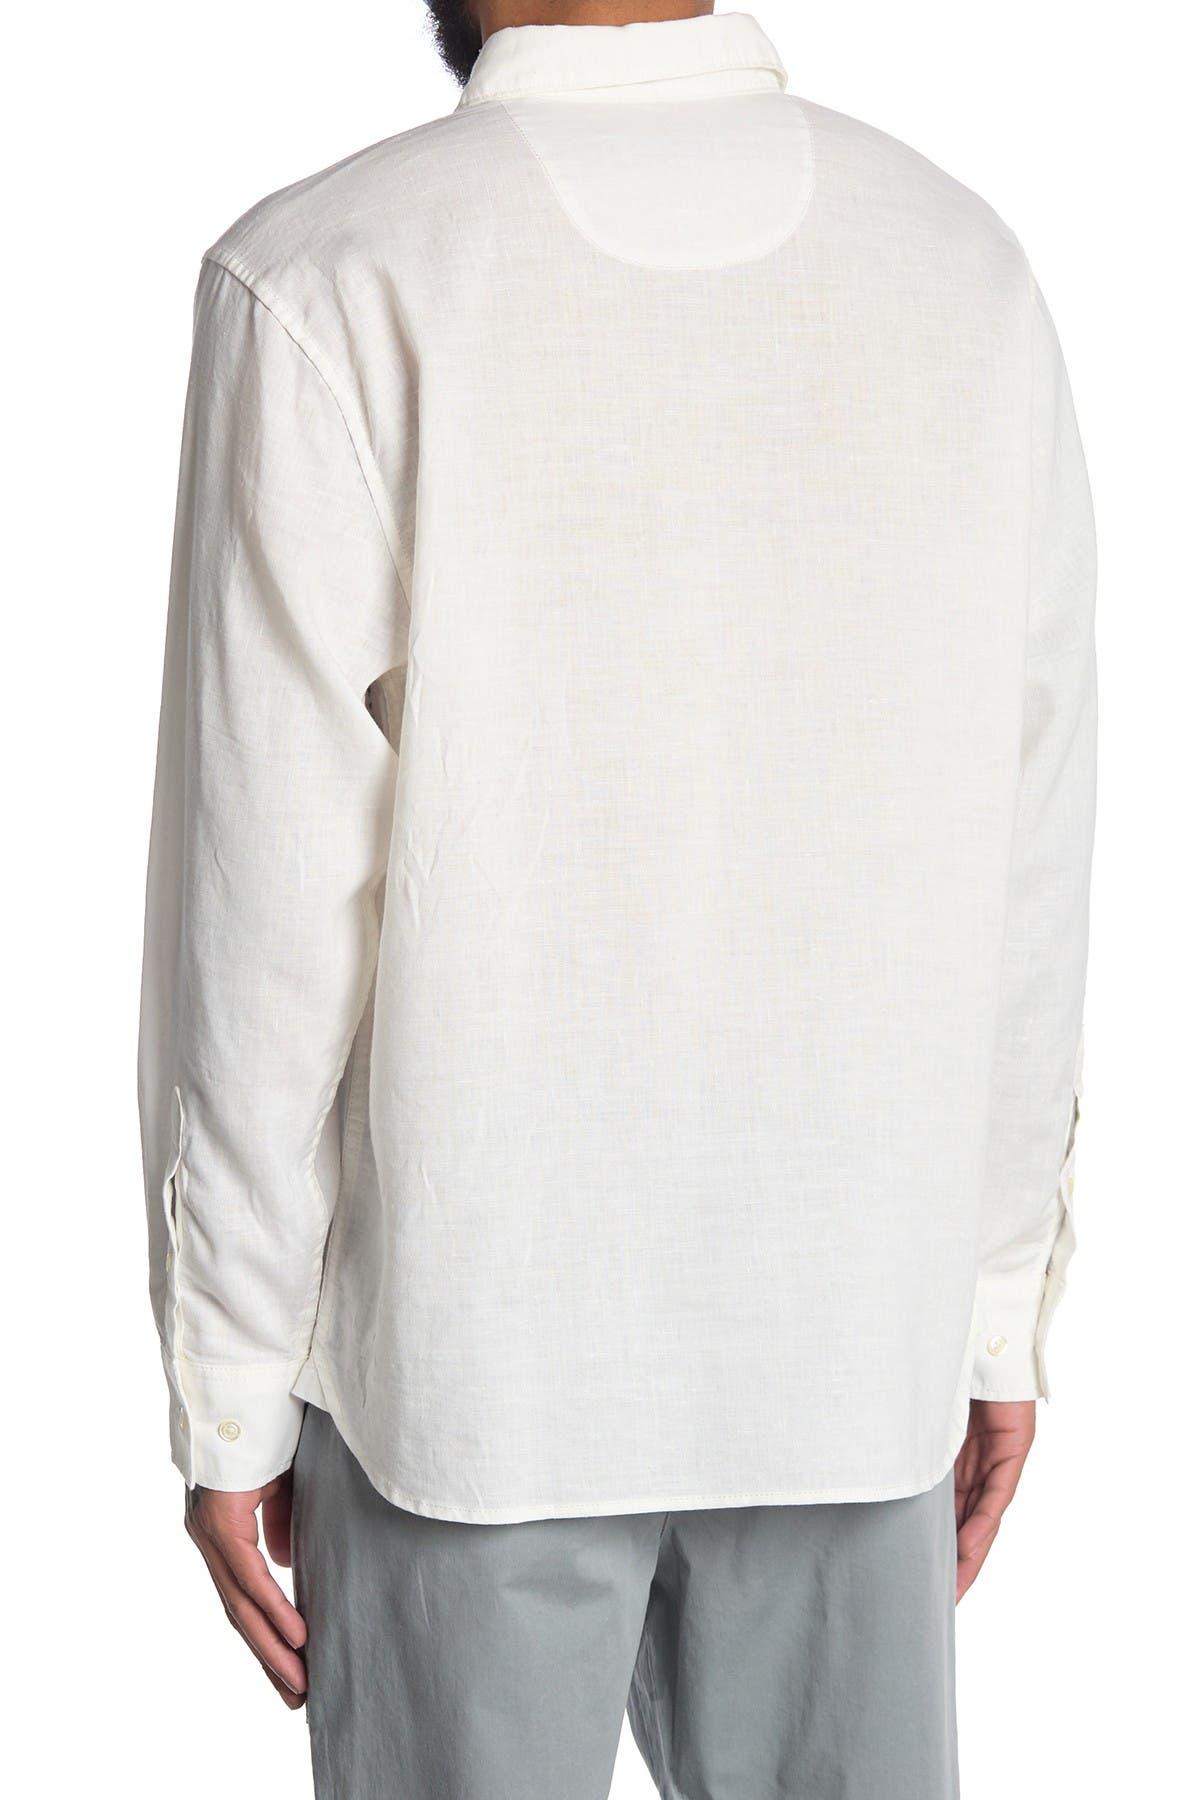 Image of Tommy Bahama Ink Wash Floral Regular Fit Shirt